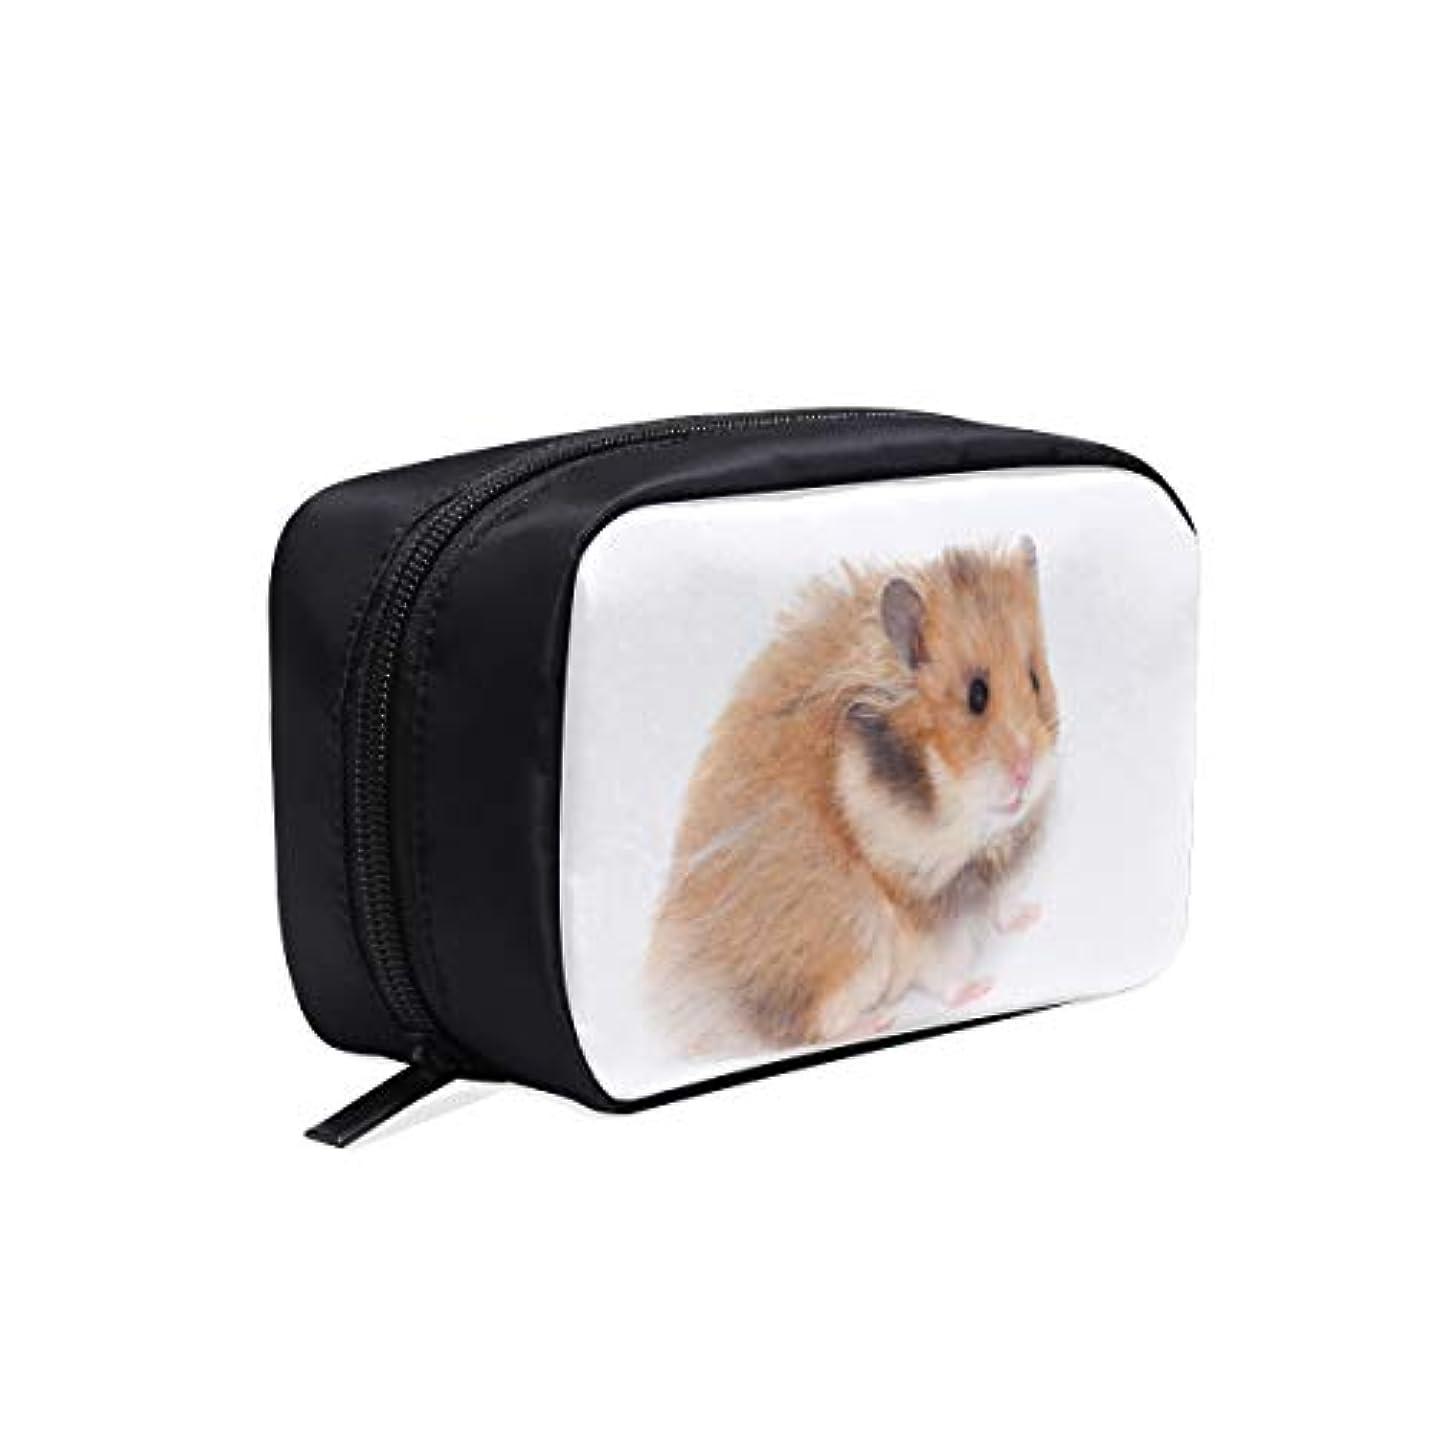 どこにもそれら偉業CWSGH メイクポーチ ハムスター 白 黄 ボックス コスメ収納 化粧品収納ケース 大容量 収納 化粧品入れ 化粧バッグ 旅行用 メイクブラシバッグ 化粧箱 持ち運び便利 プロ用